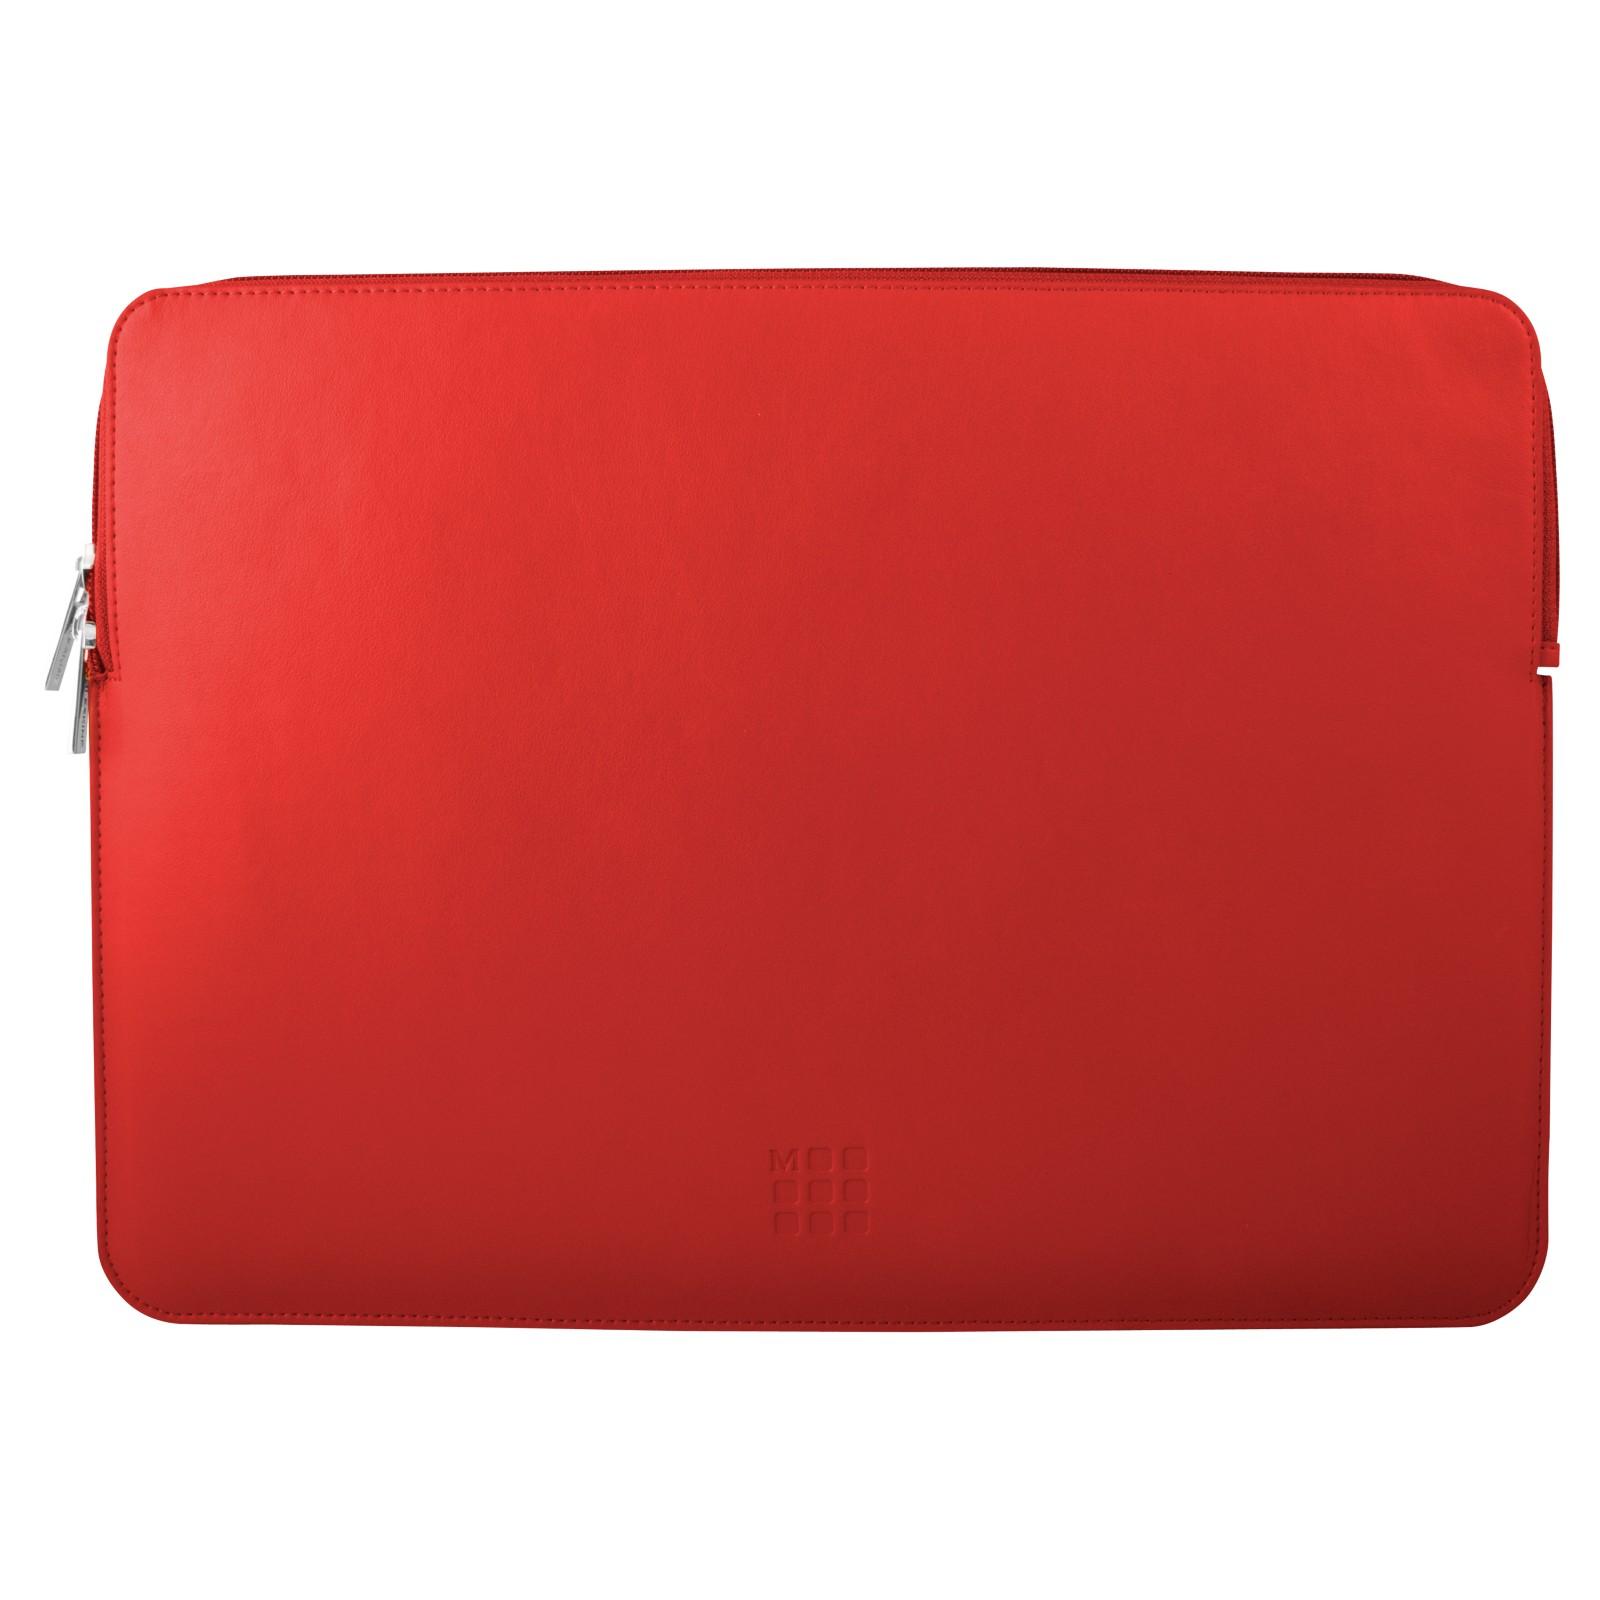 """Moleskine Case for 13"""" Laptops Red"""